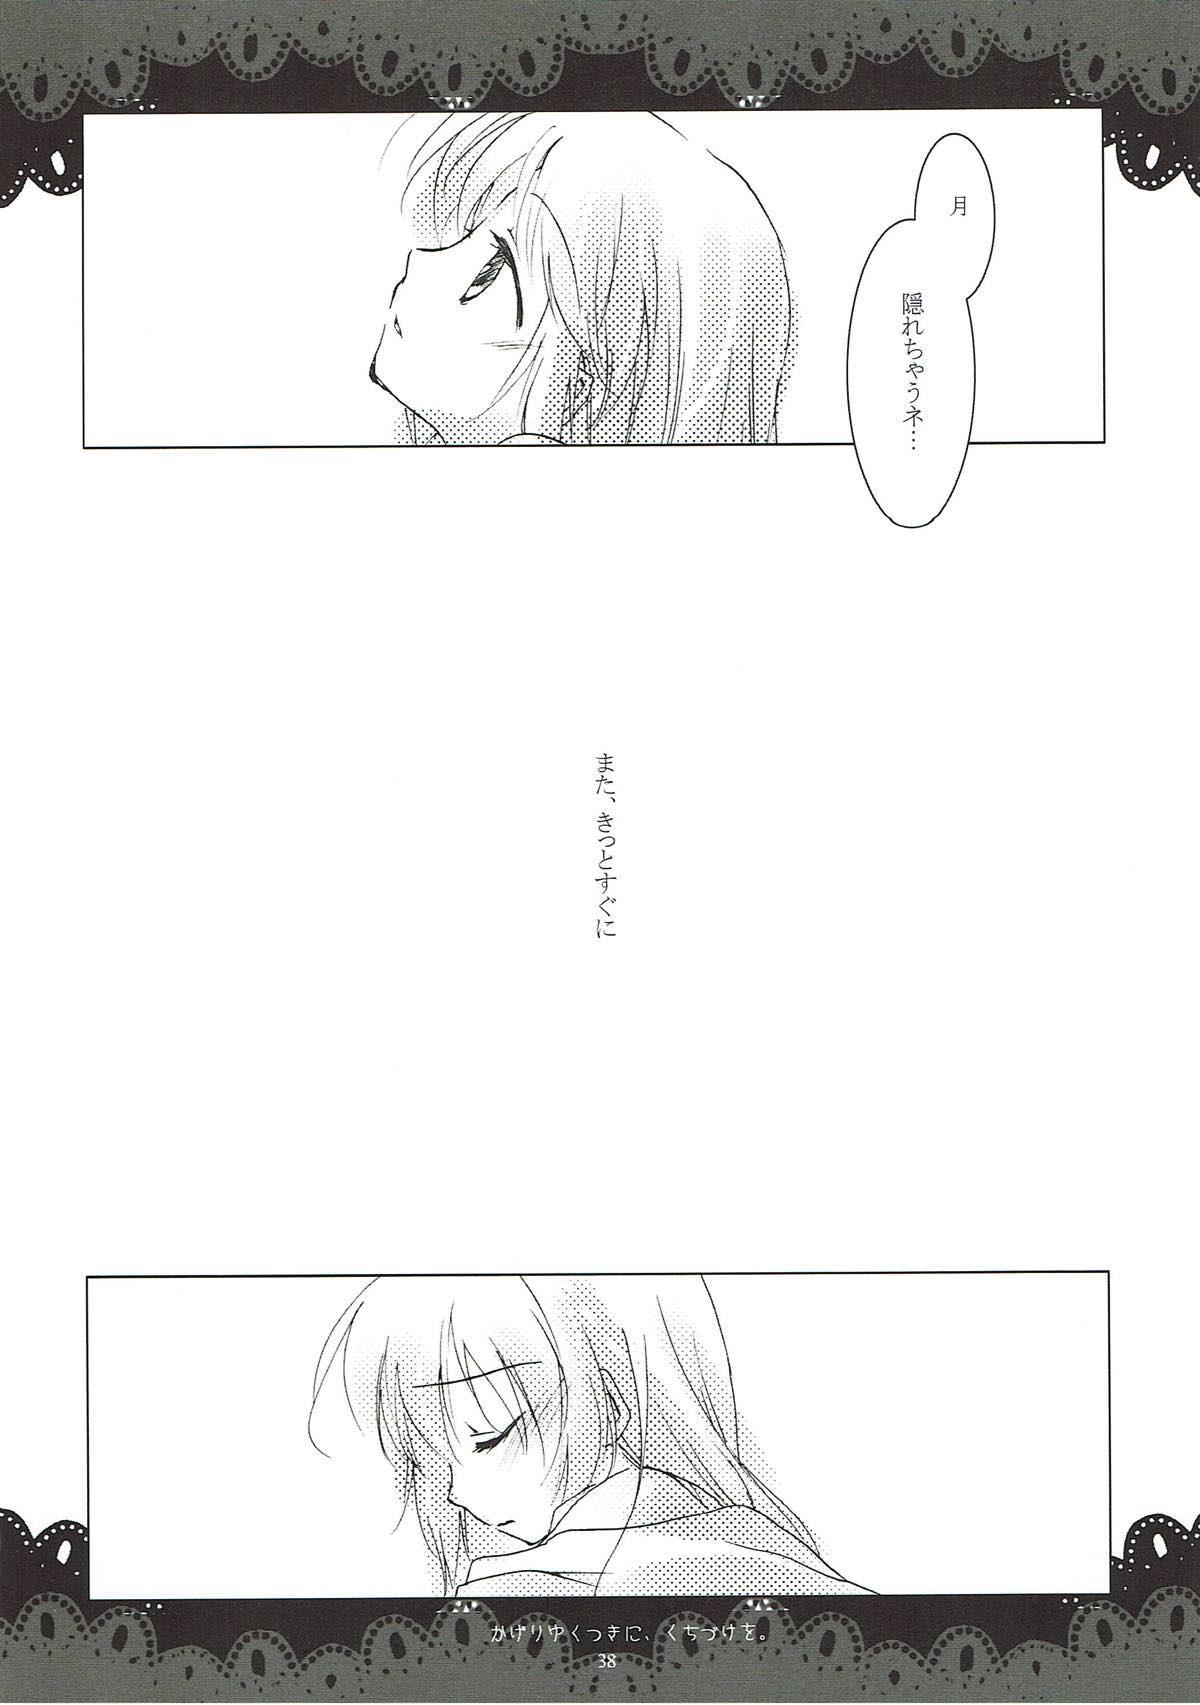 Kageriyuku Tsuki ni, Kuchizuke o. 35